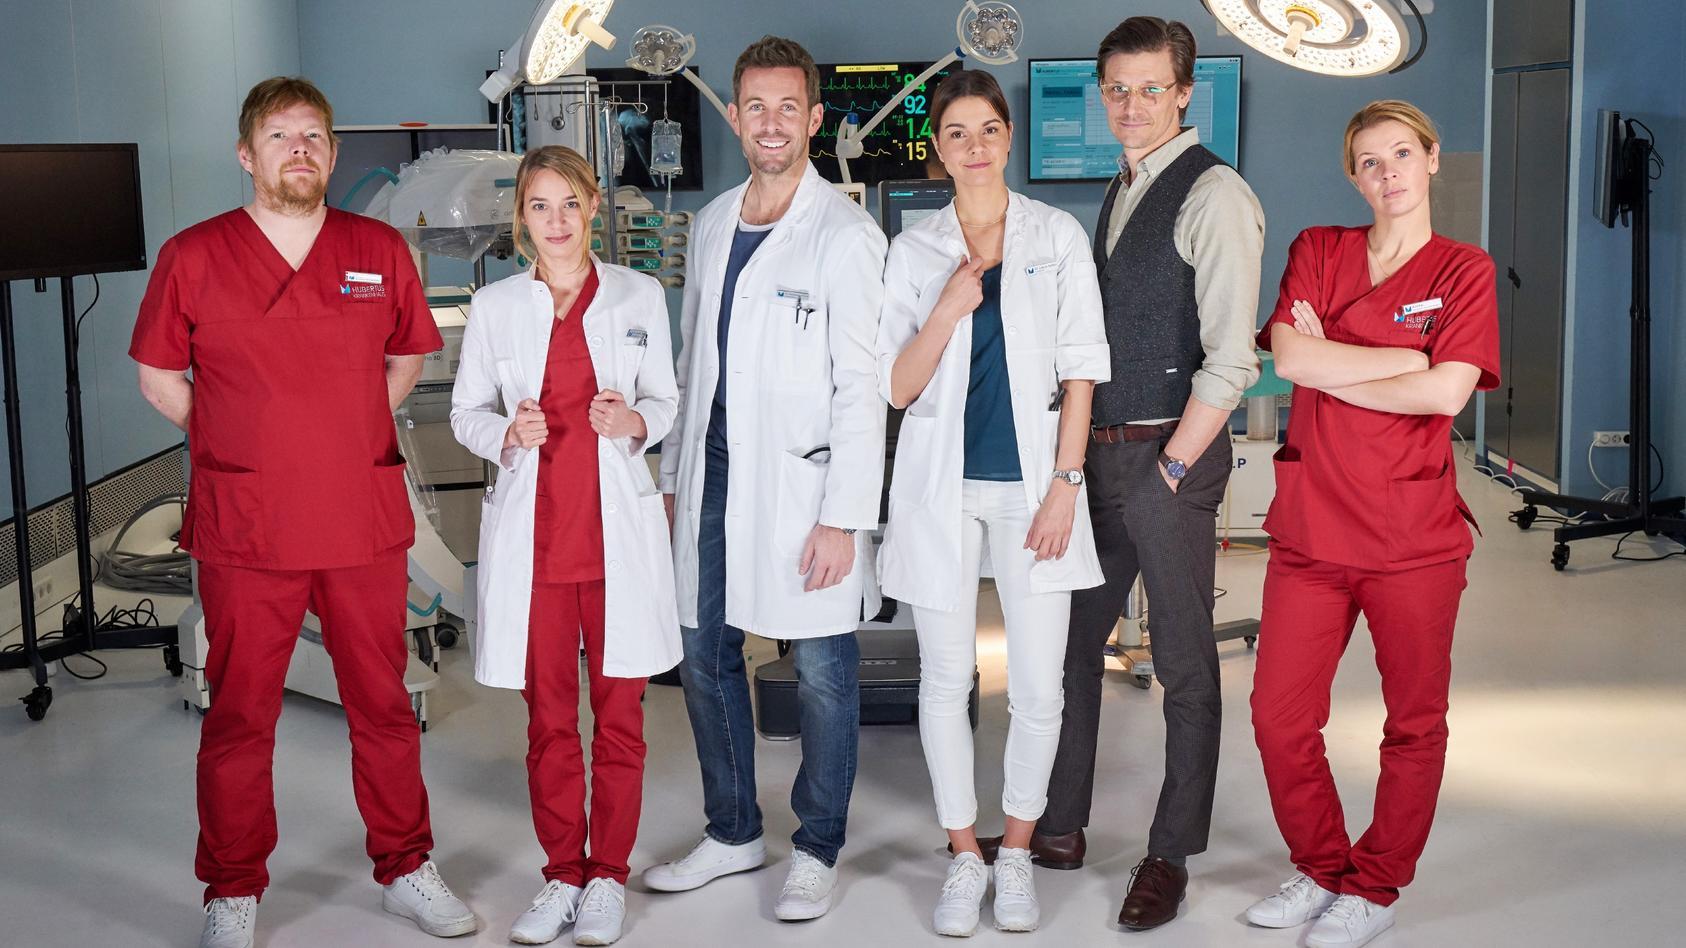 """Das Ärzte-Team in der neuen Medical-Serie """"Lifelines""""."""